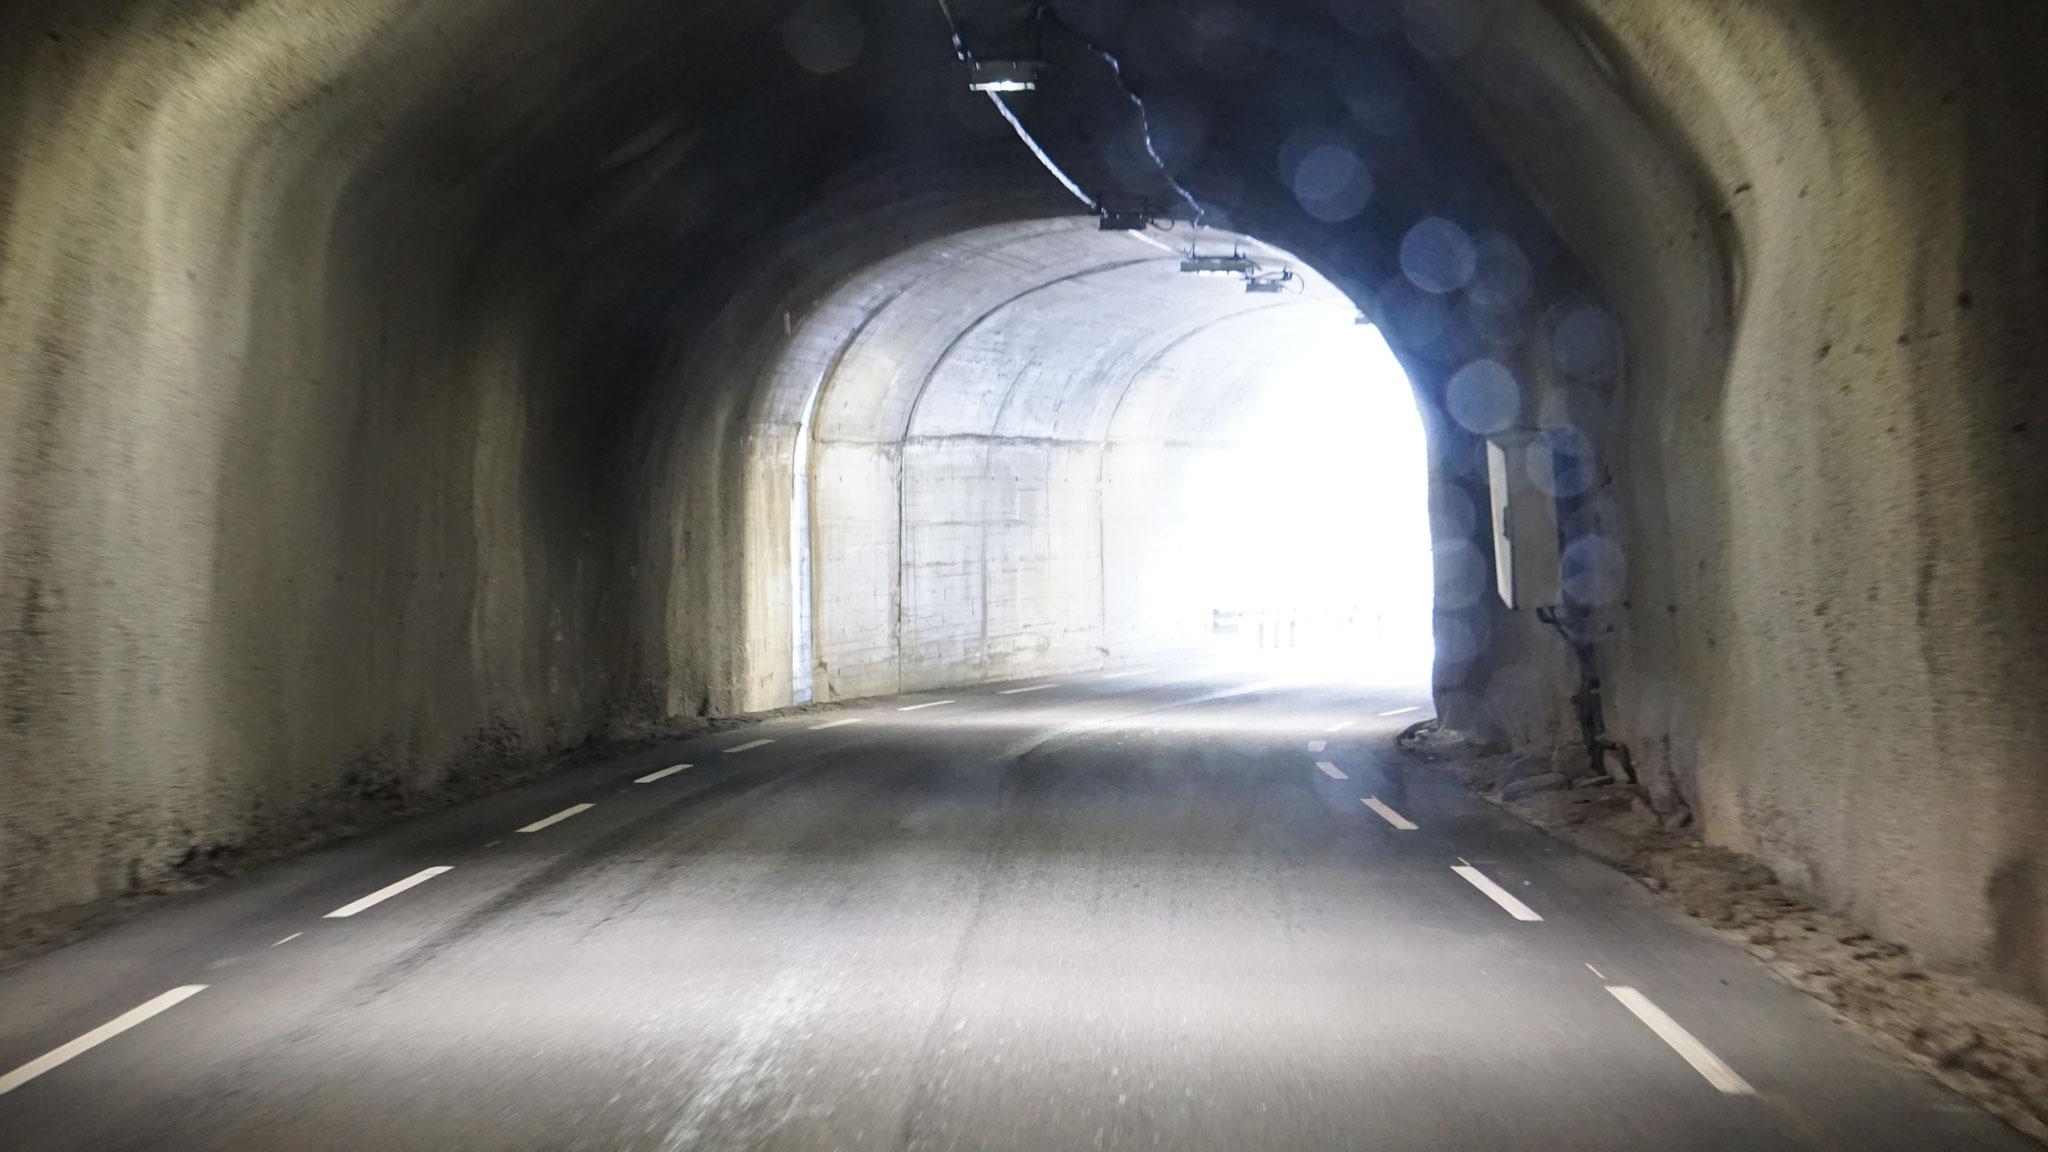 Und die schmalen Naturtunnel beginnen...